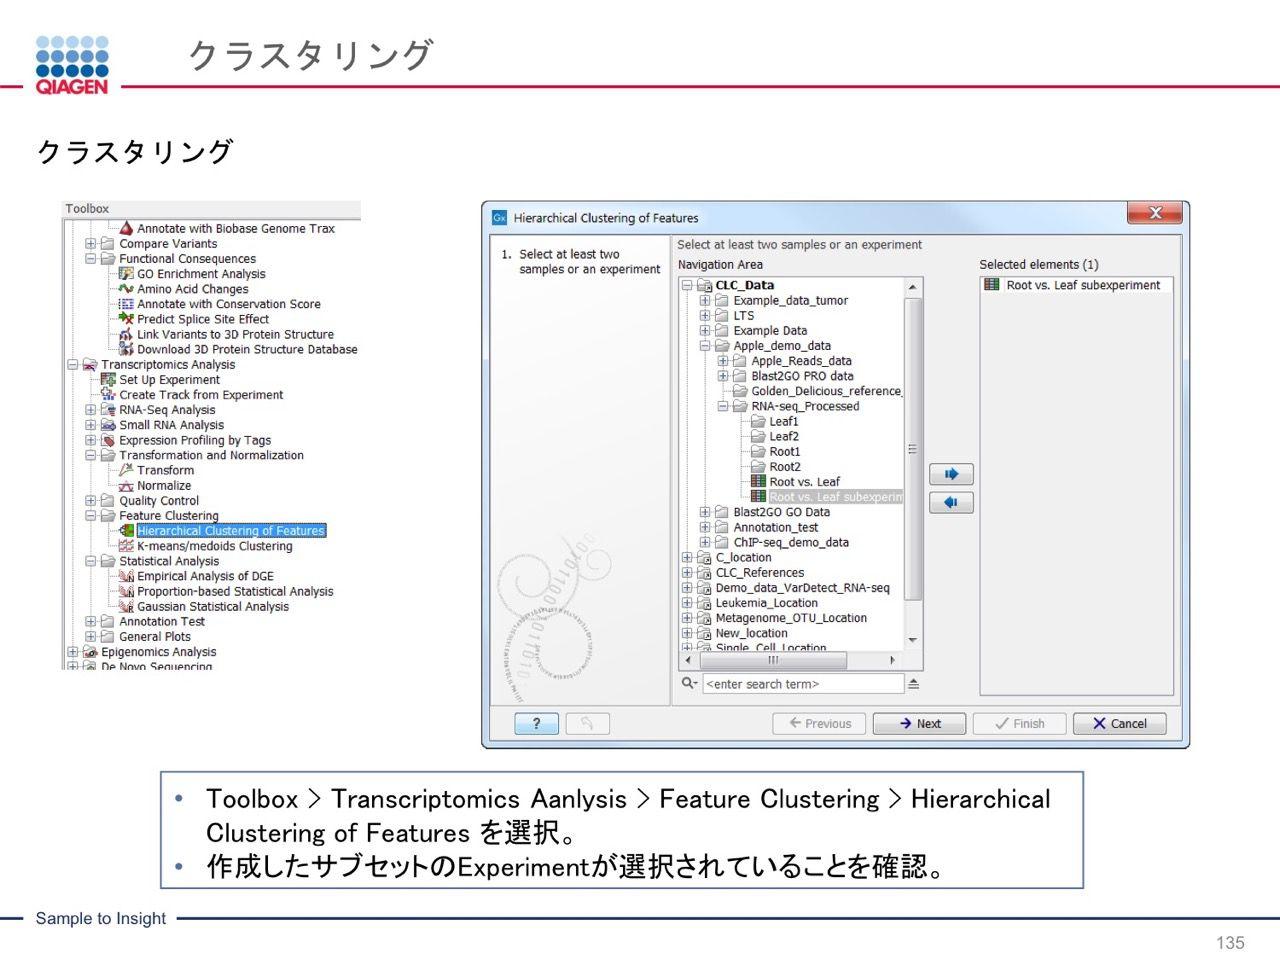 images/AJACSa2_miyamoto_135.jpg